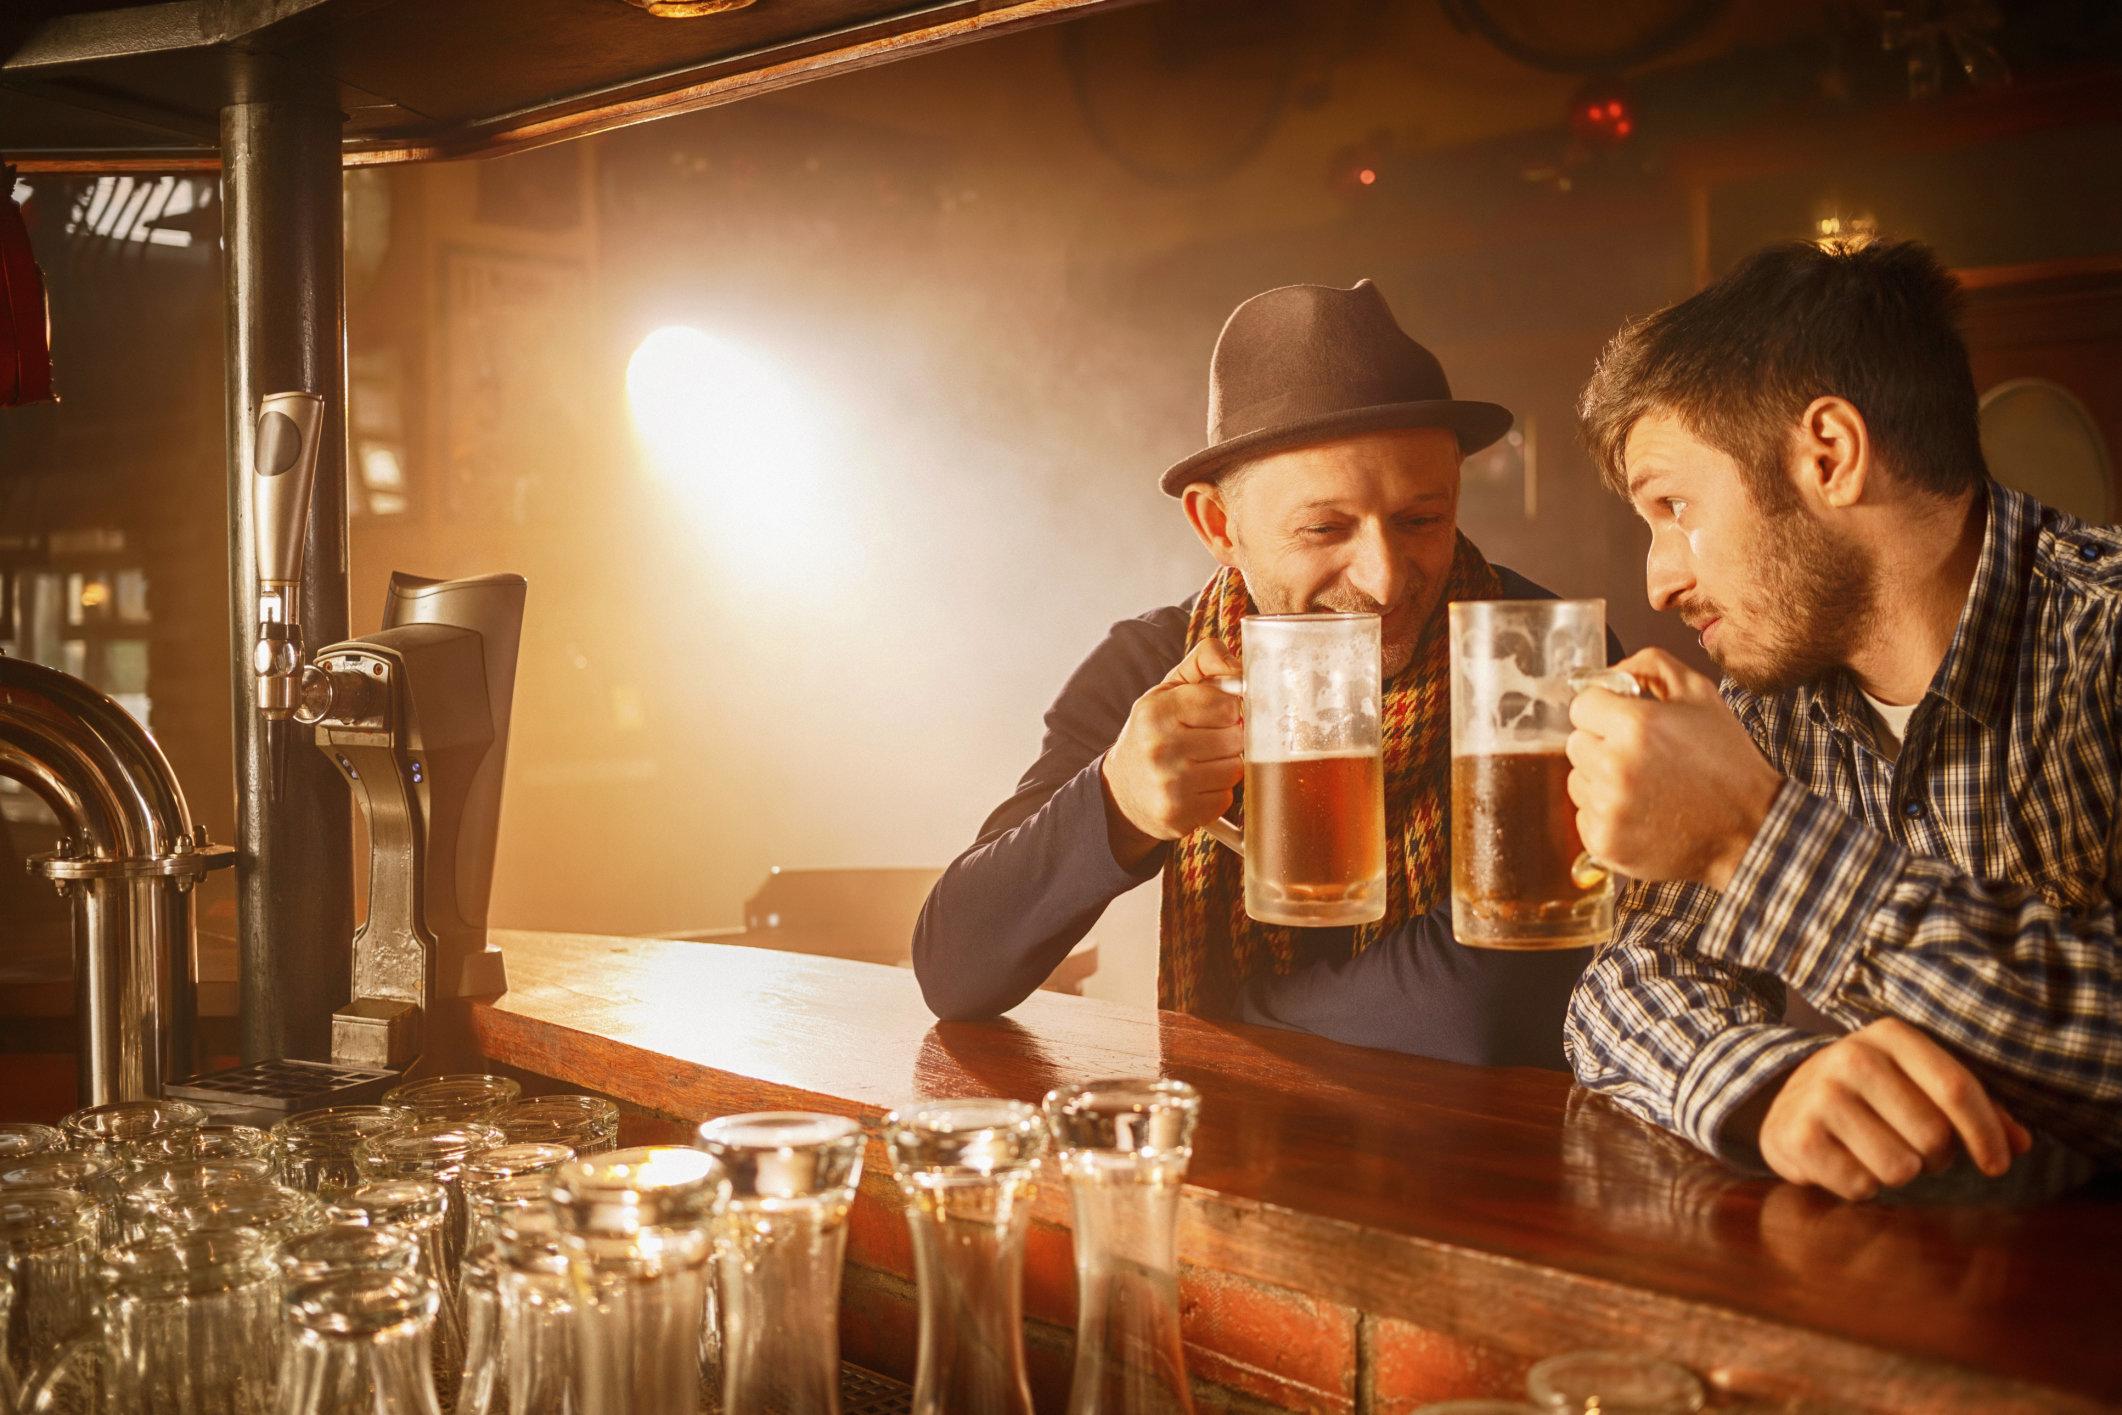 Sober People Make Drinkers Feel